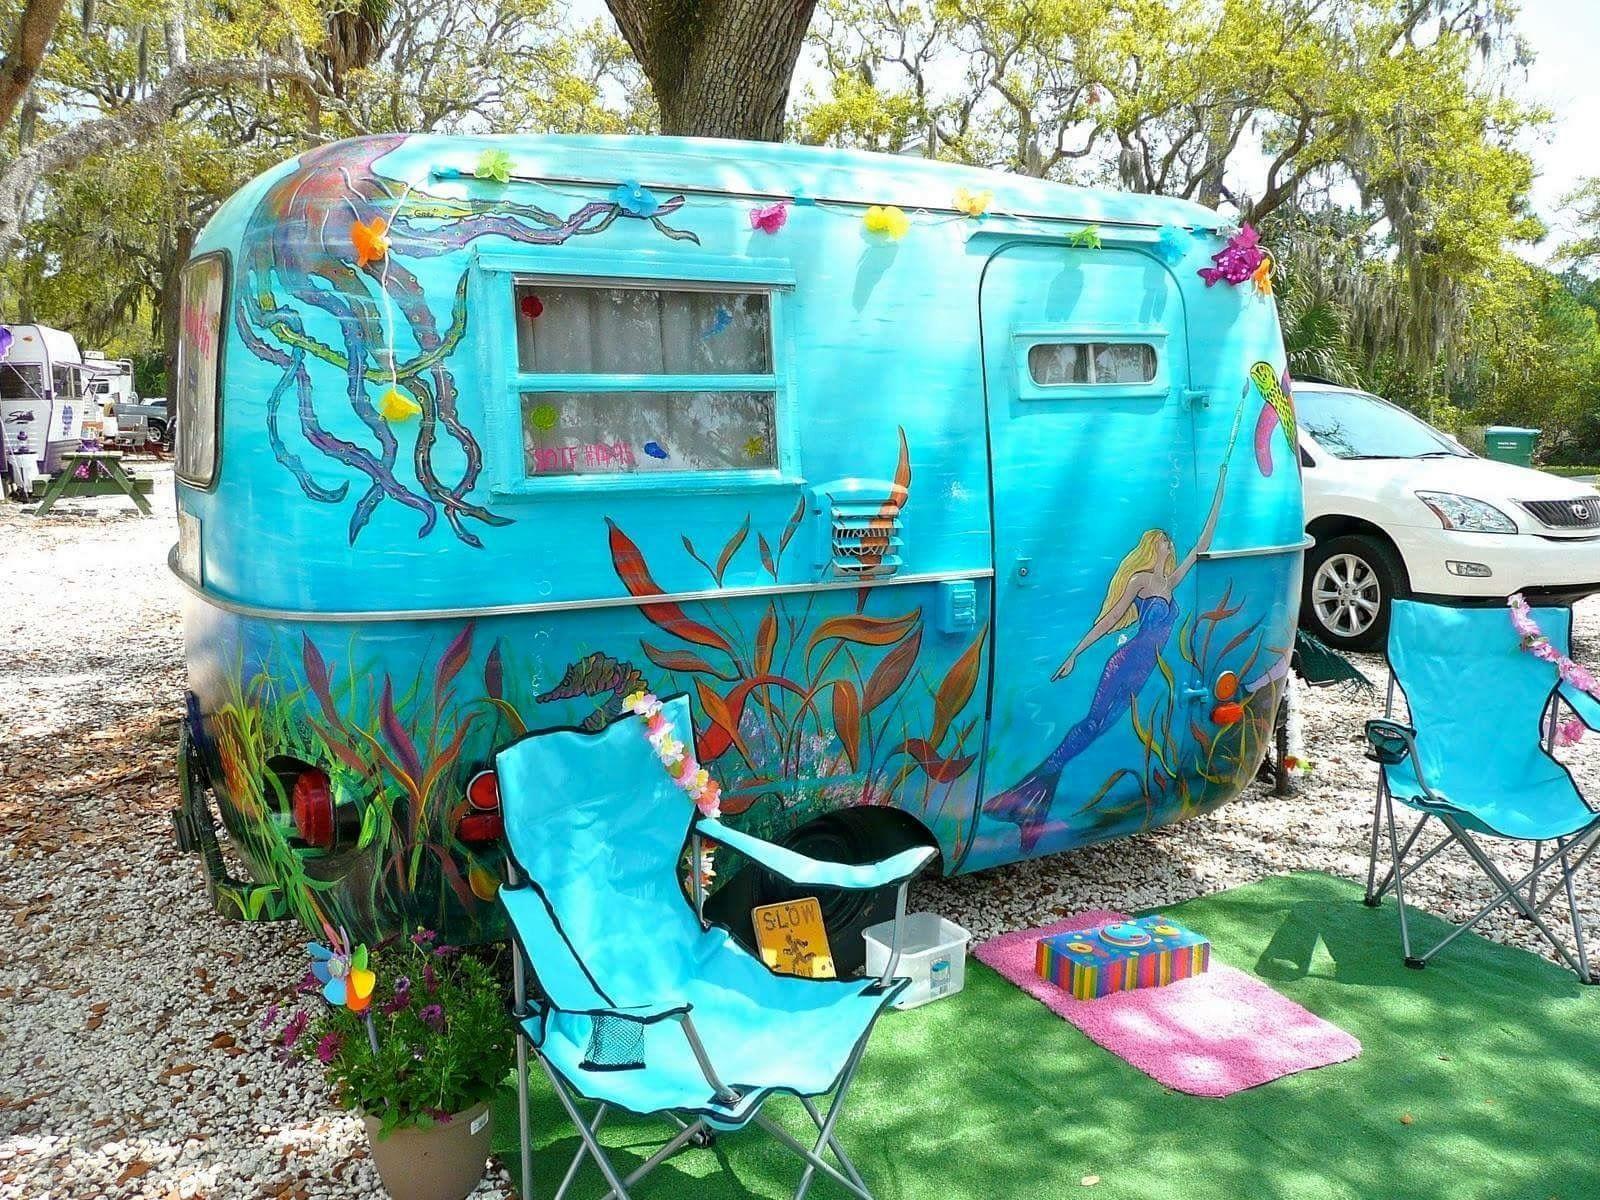 pingl par nuray kurtdi sur caravan pinterest roulotte et caravane. Black Bedroom Furniture Sets. Home Design Ideas